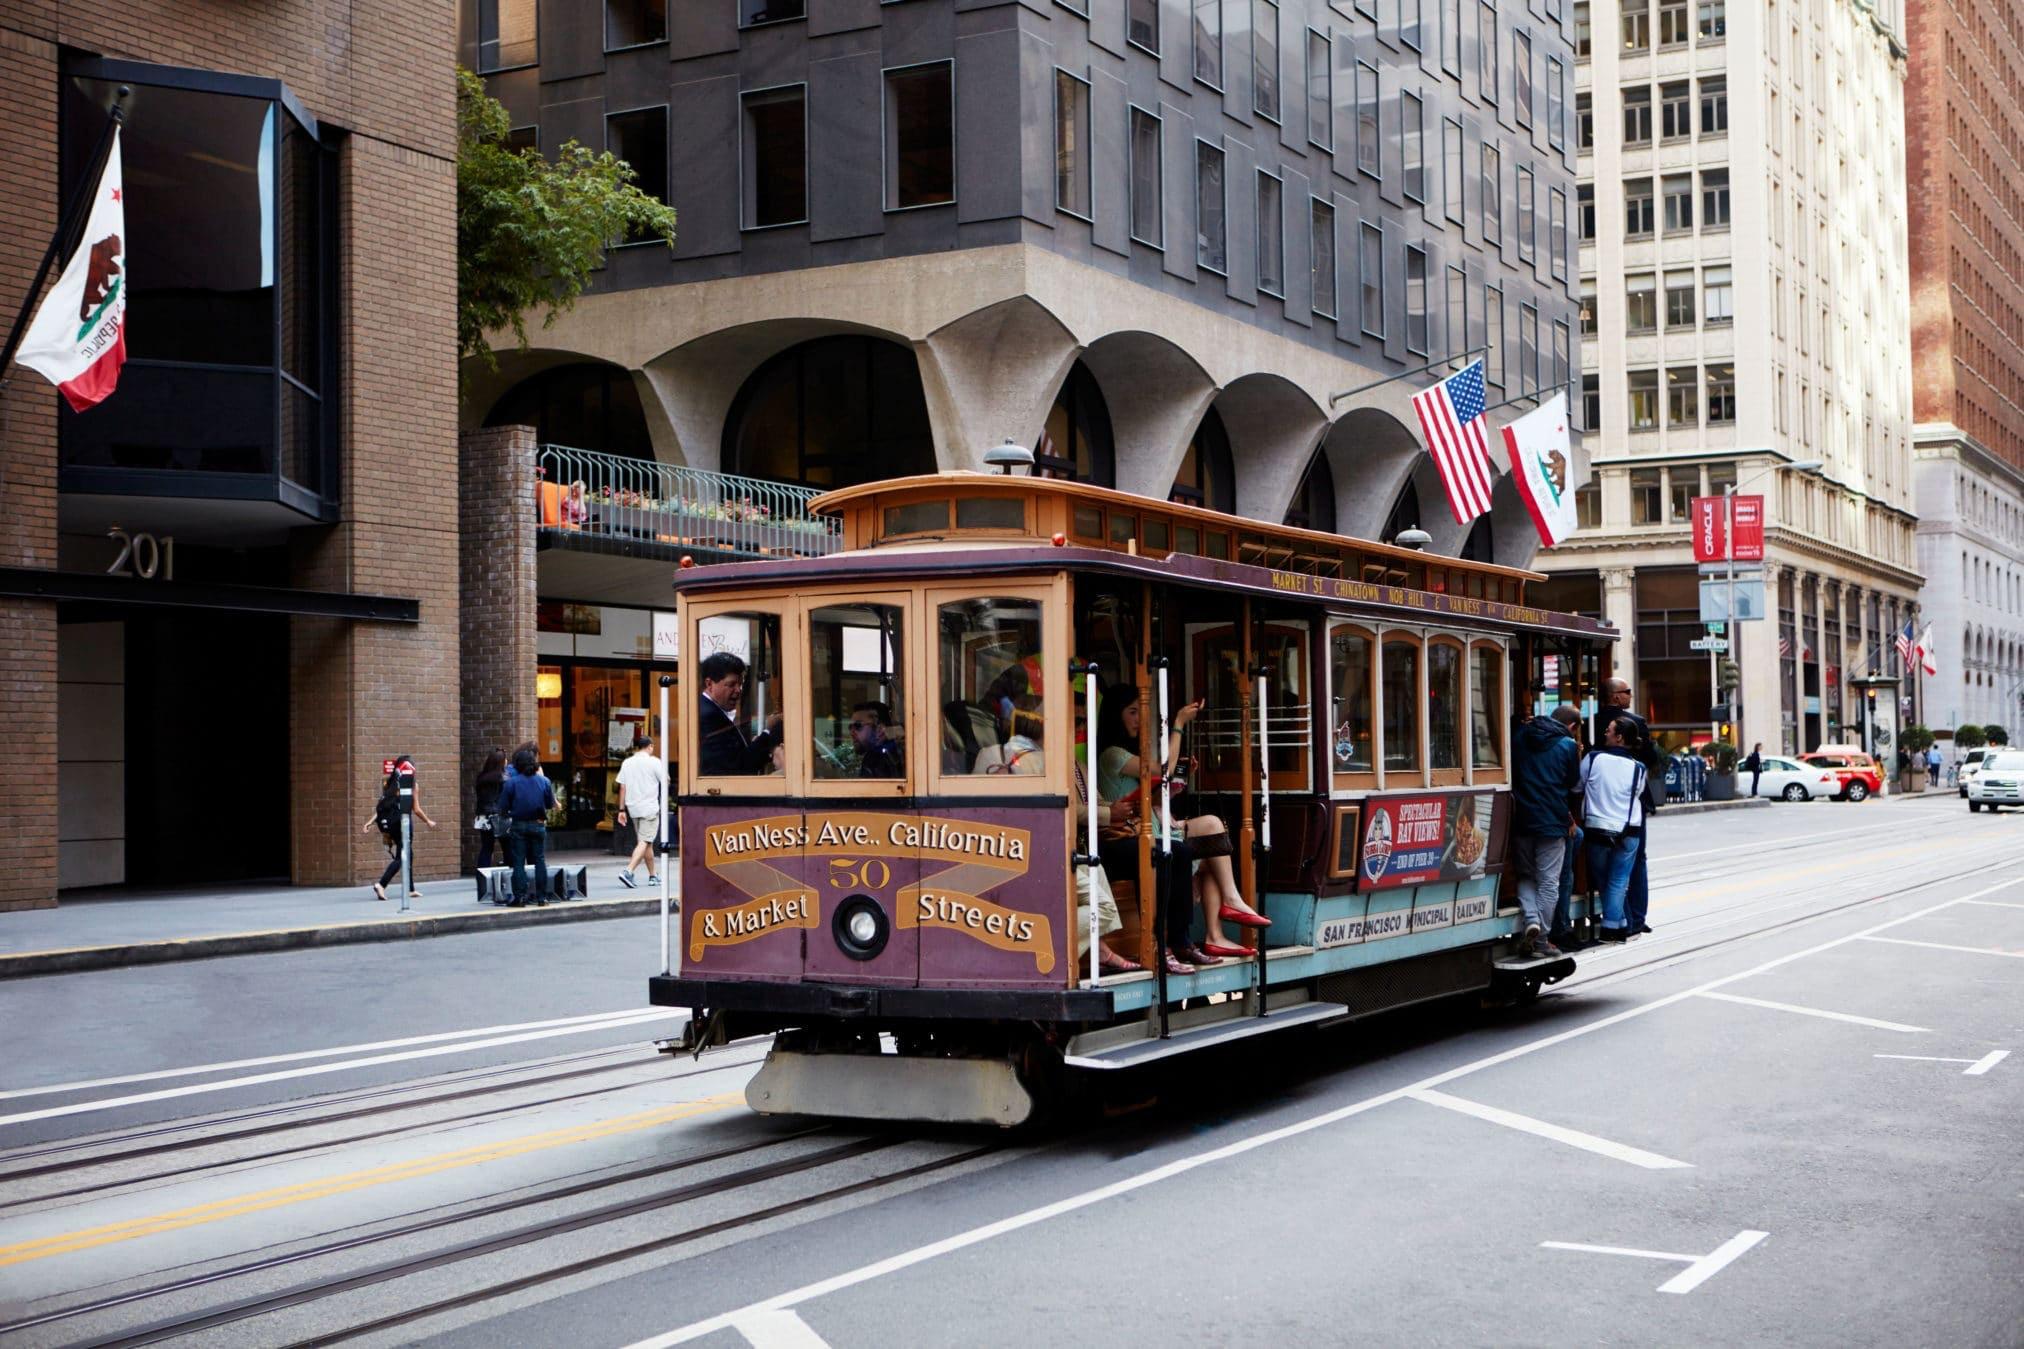 San Francisco Cable Car Club Quarters Hotel